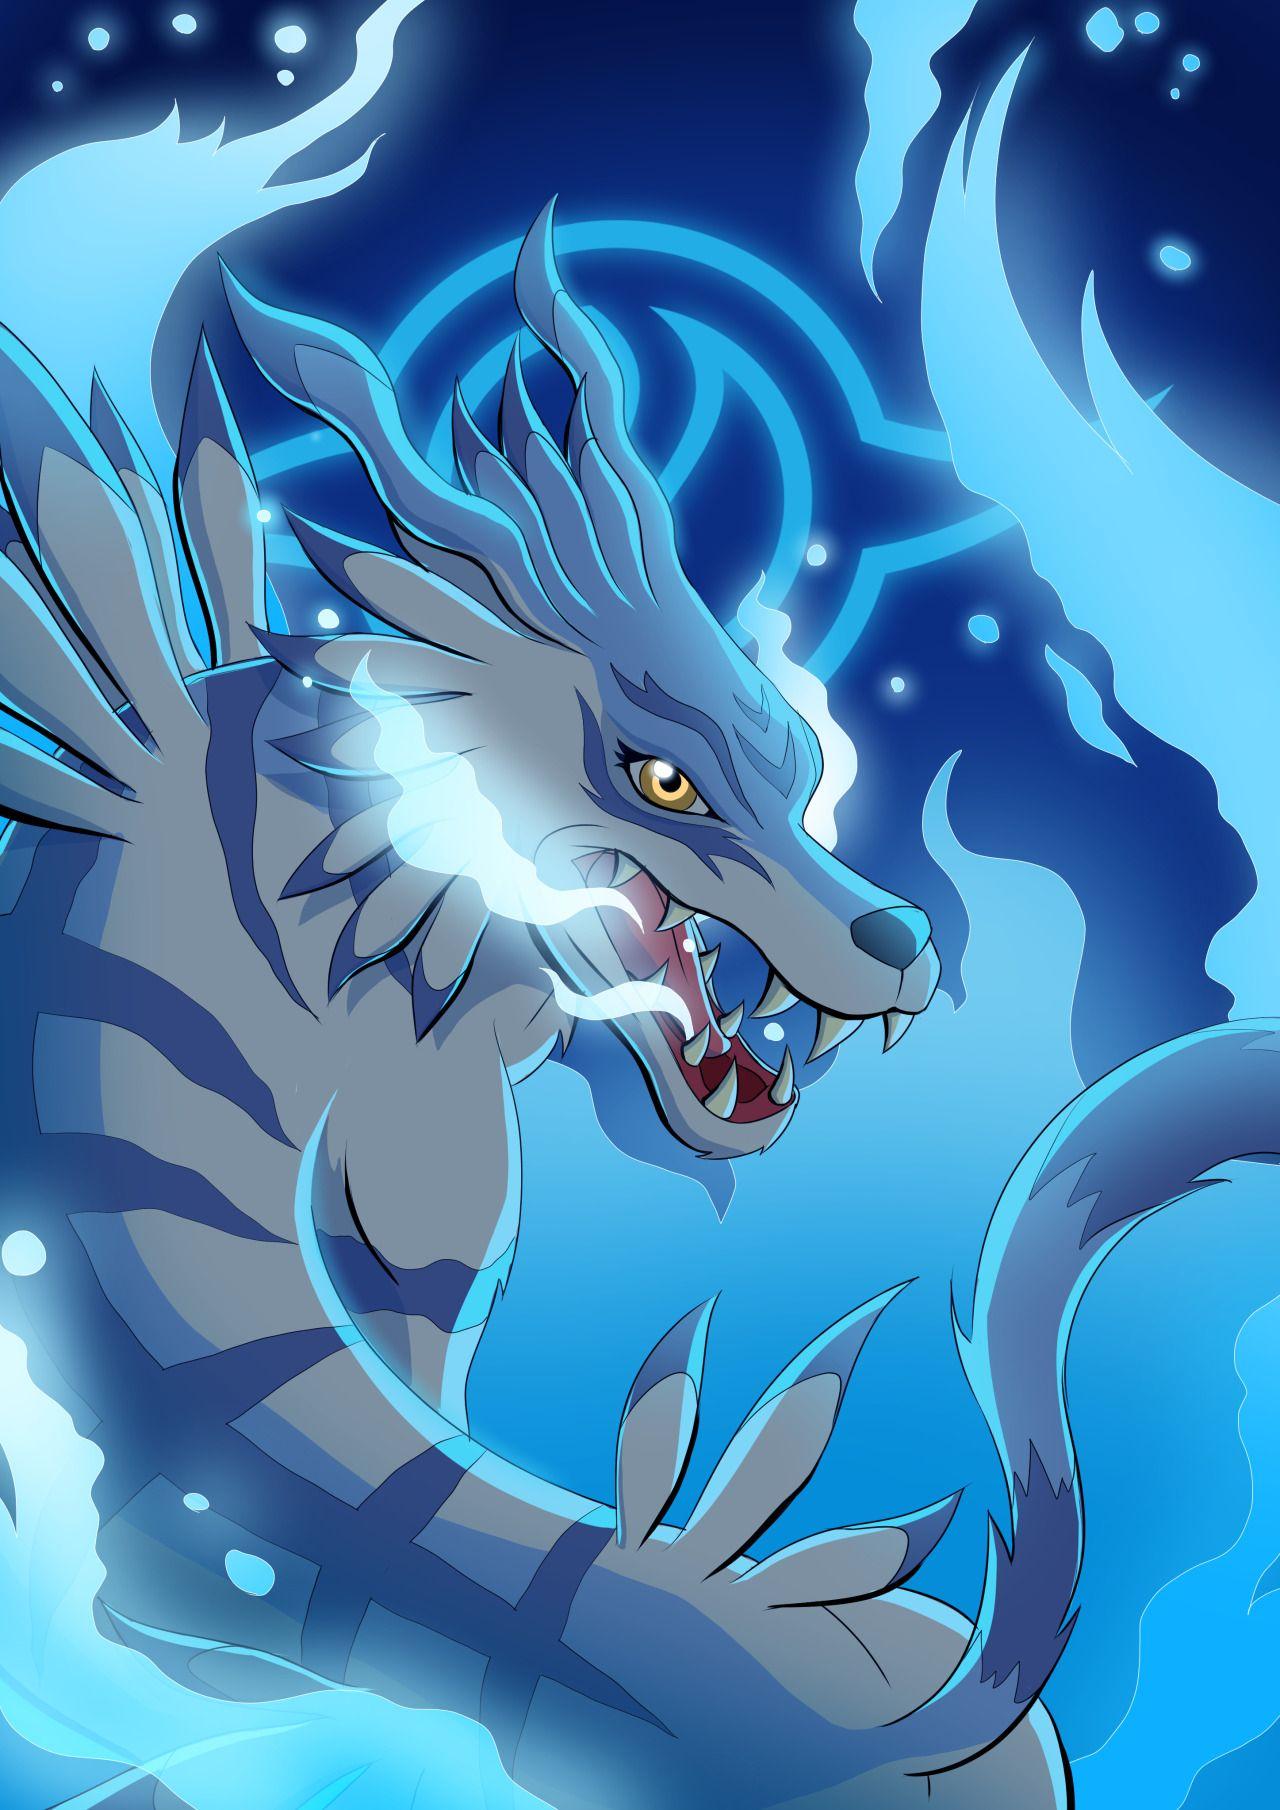 Garurumon | Digimon Adventure | Digimon wallpaper, Digimon ...